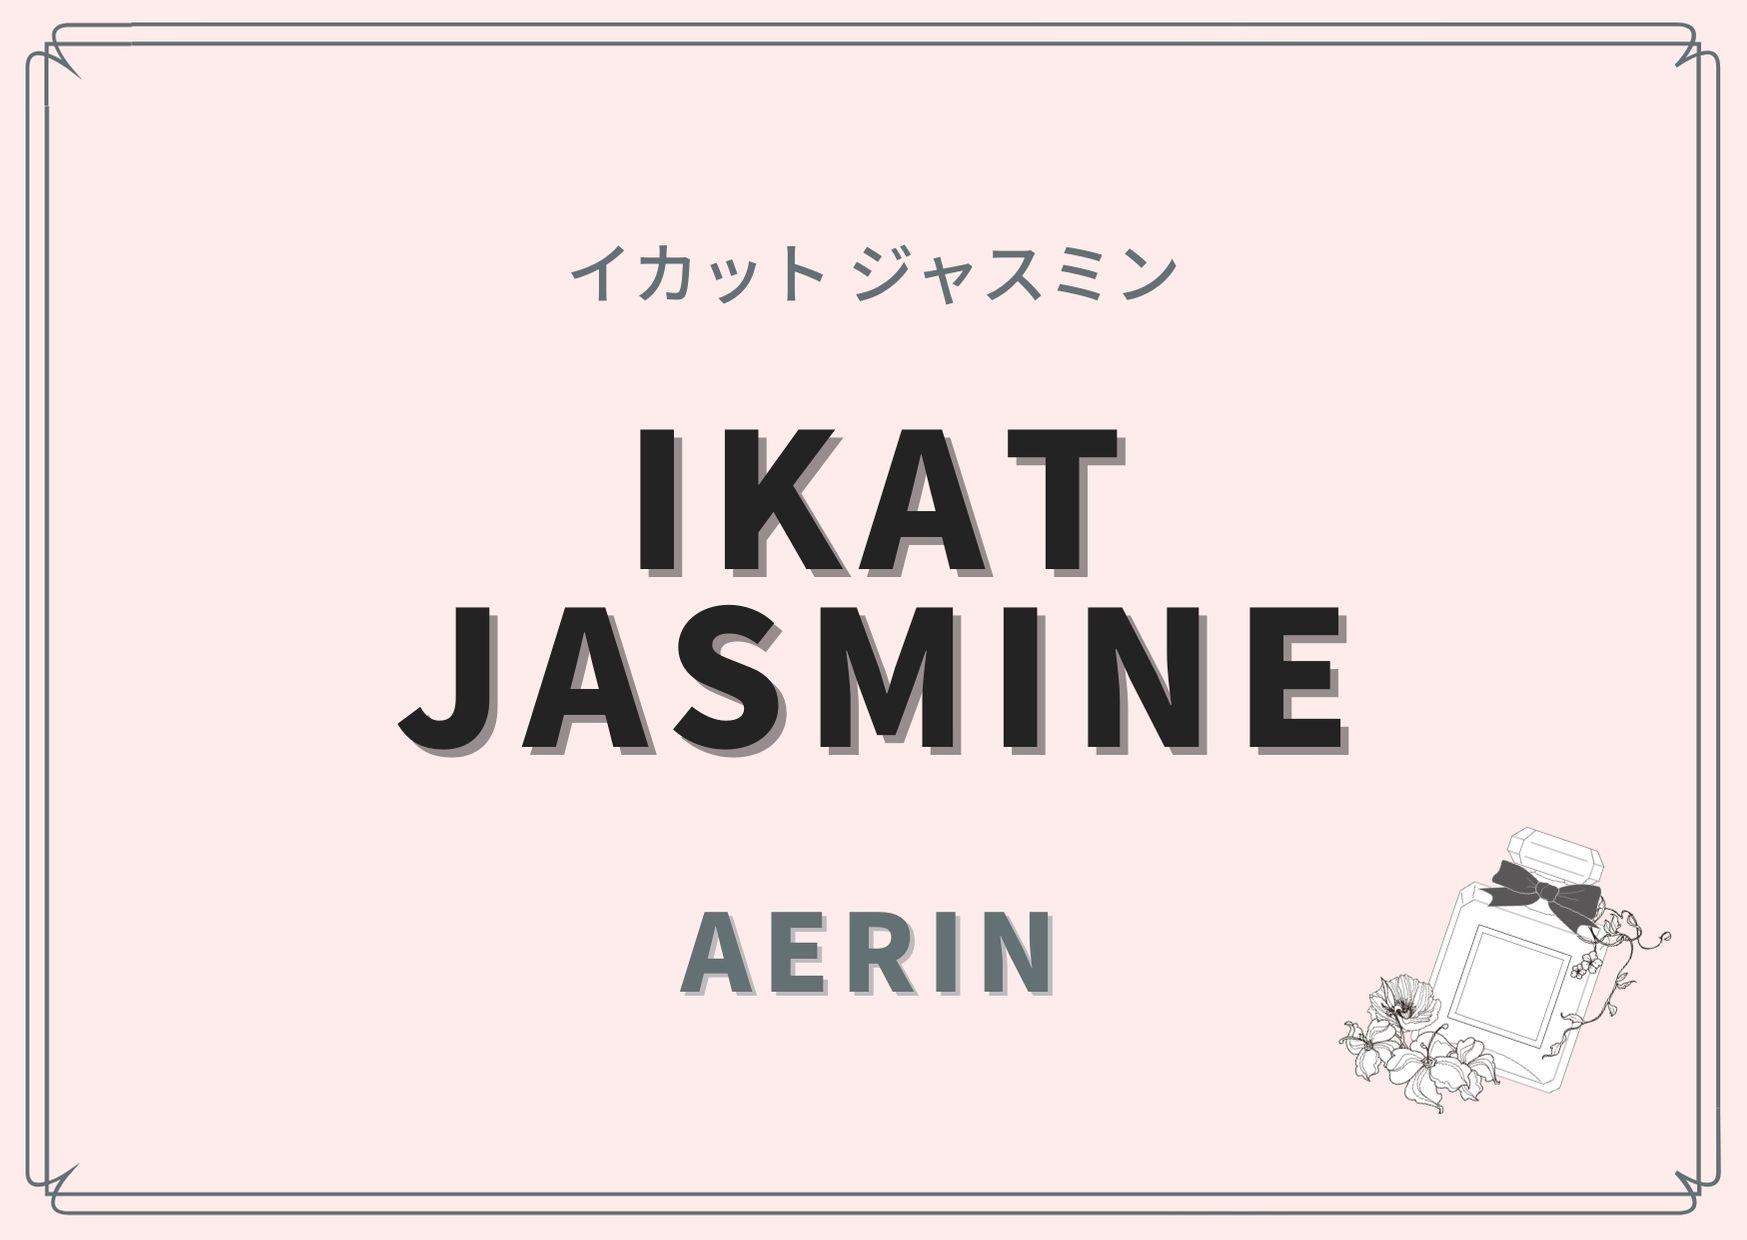 Ikat Jasmine(イカット ジャスミン )/AERIN(エアリン )